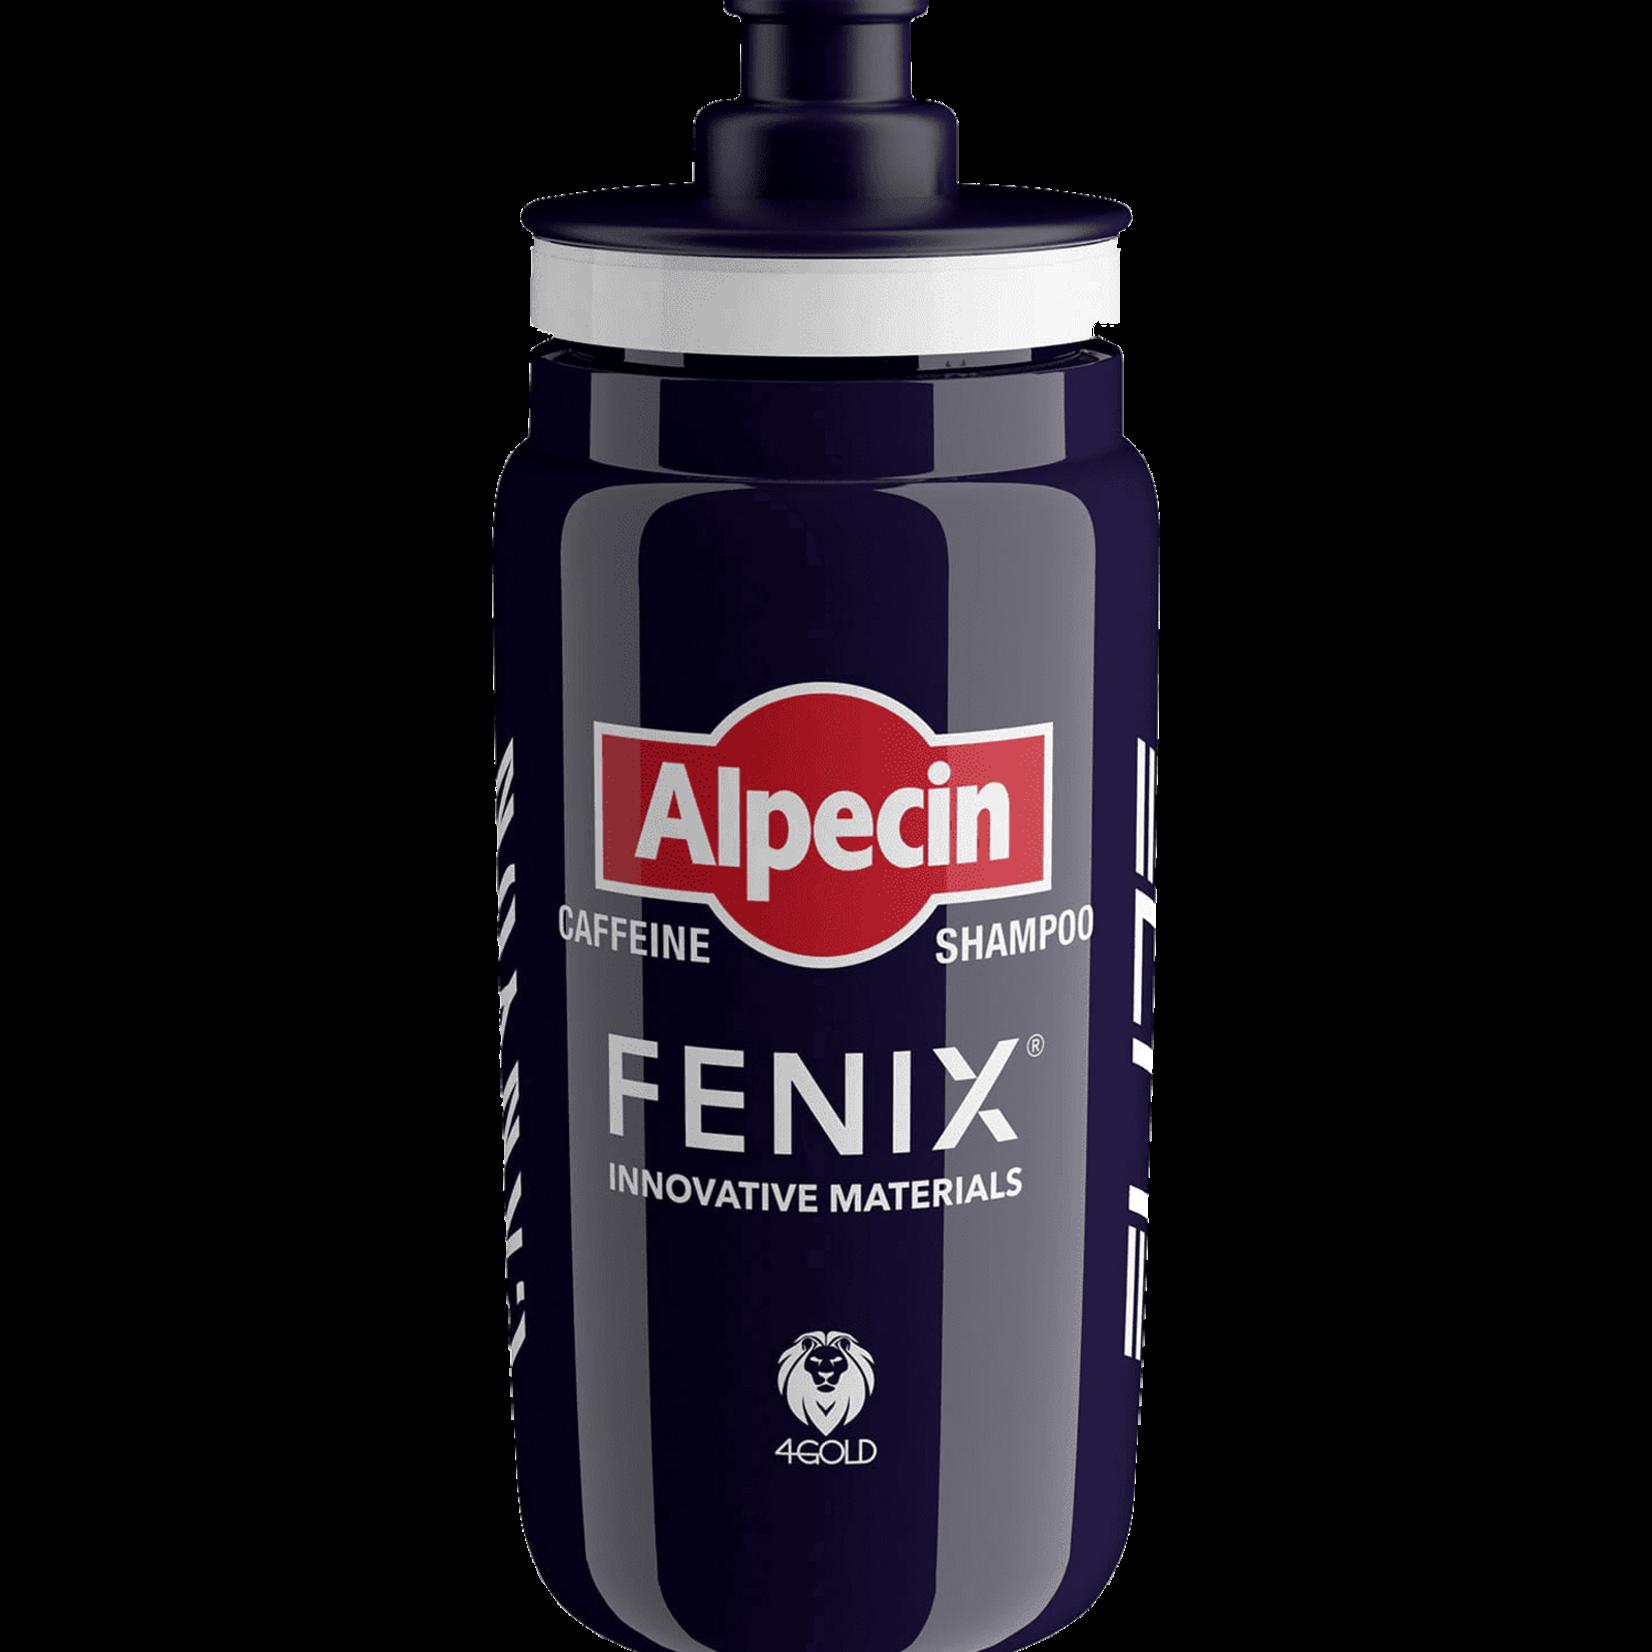 Bottle Alpecin Fenix